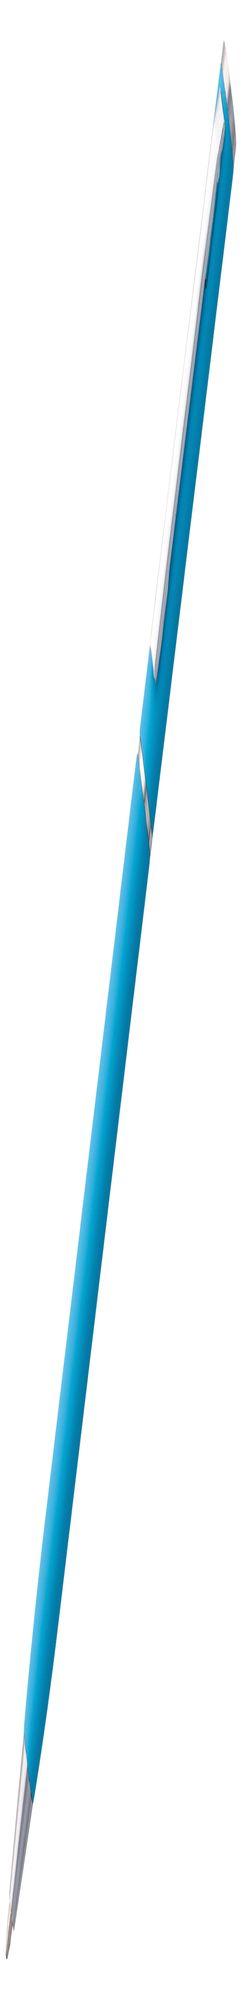 Ручка шариковая Hotel Chrome, ver.2, голубая фото